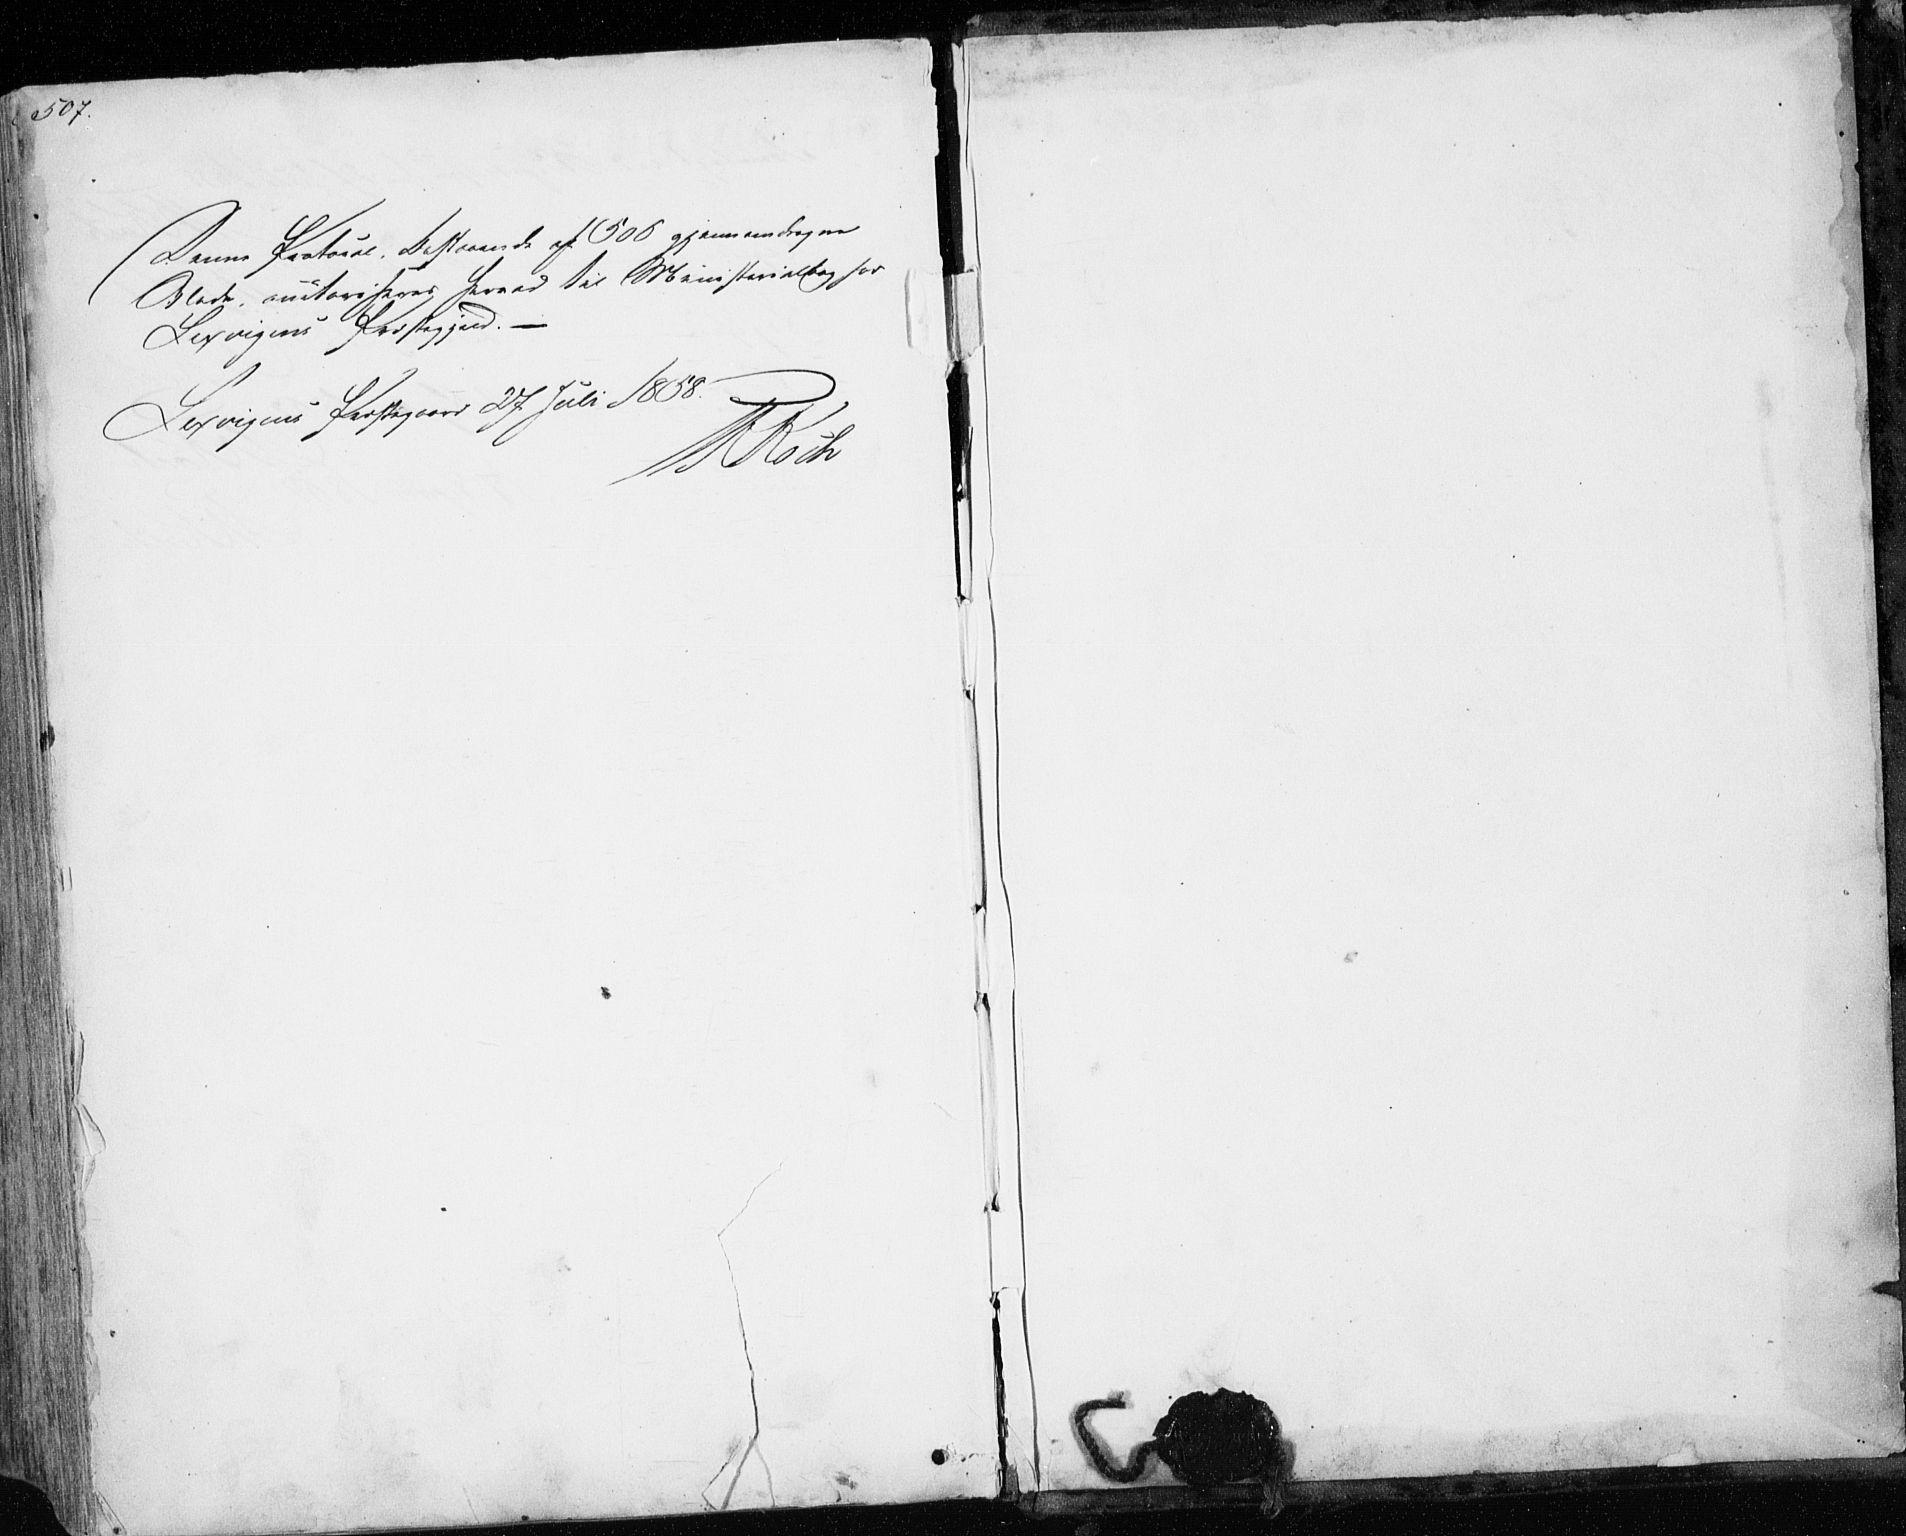 SAT, Ministerialprotokoller, klokkerbøker og fødselsregistre - Nord-Trøndelag, 701/L0008: Parish register (official) no. 701A08 /1, 1854-1863, p. 507